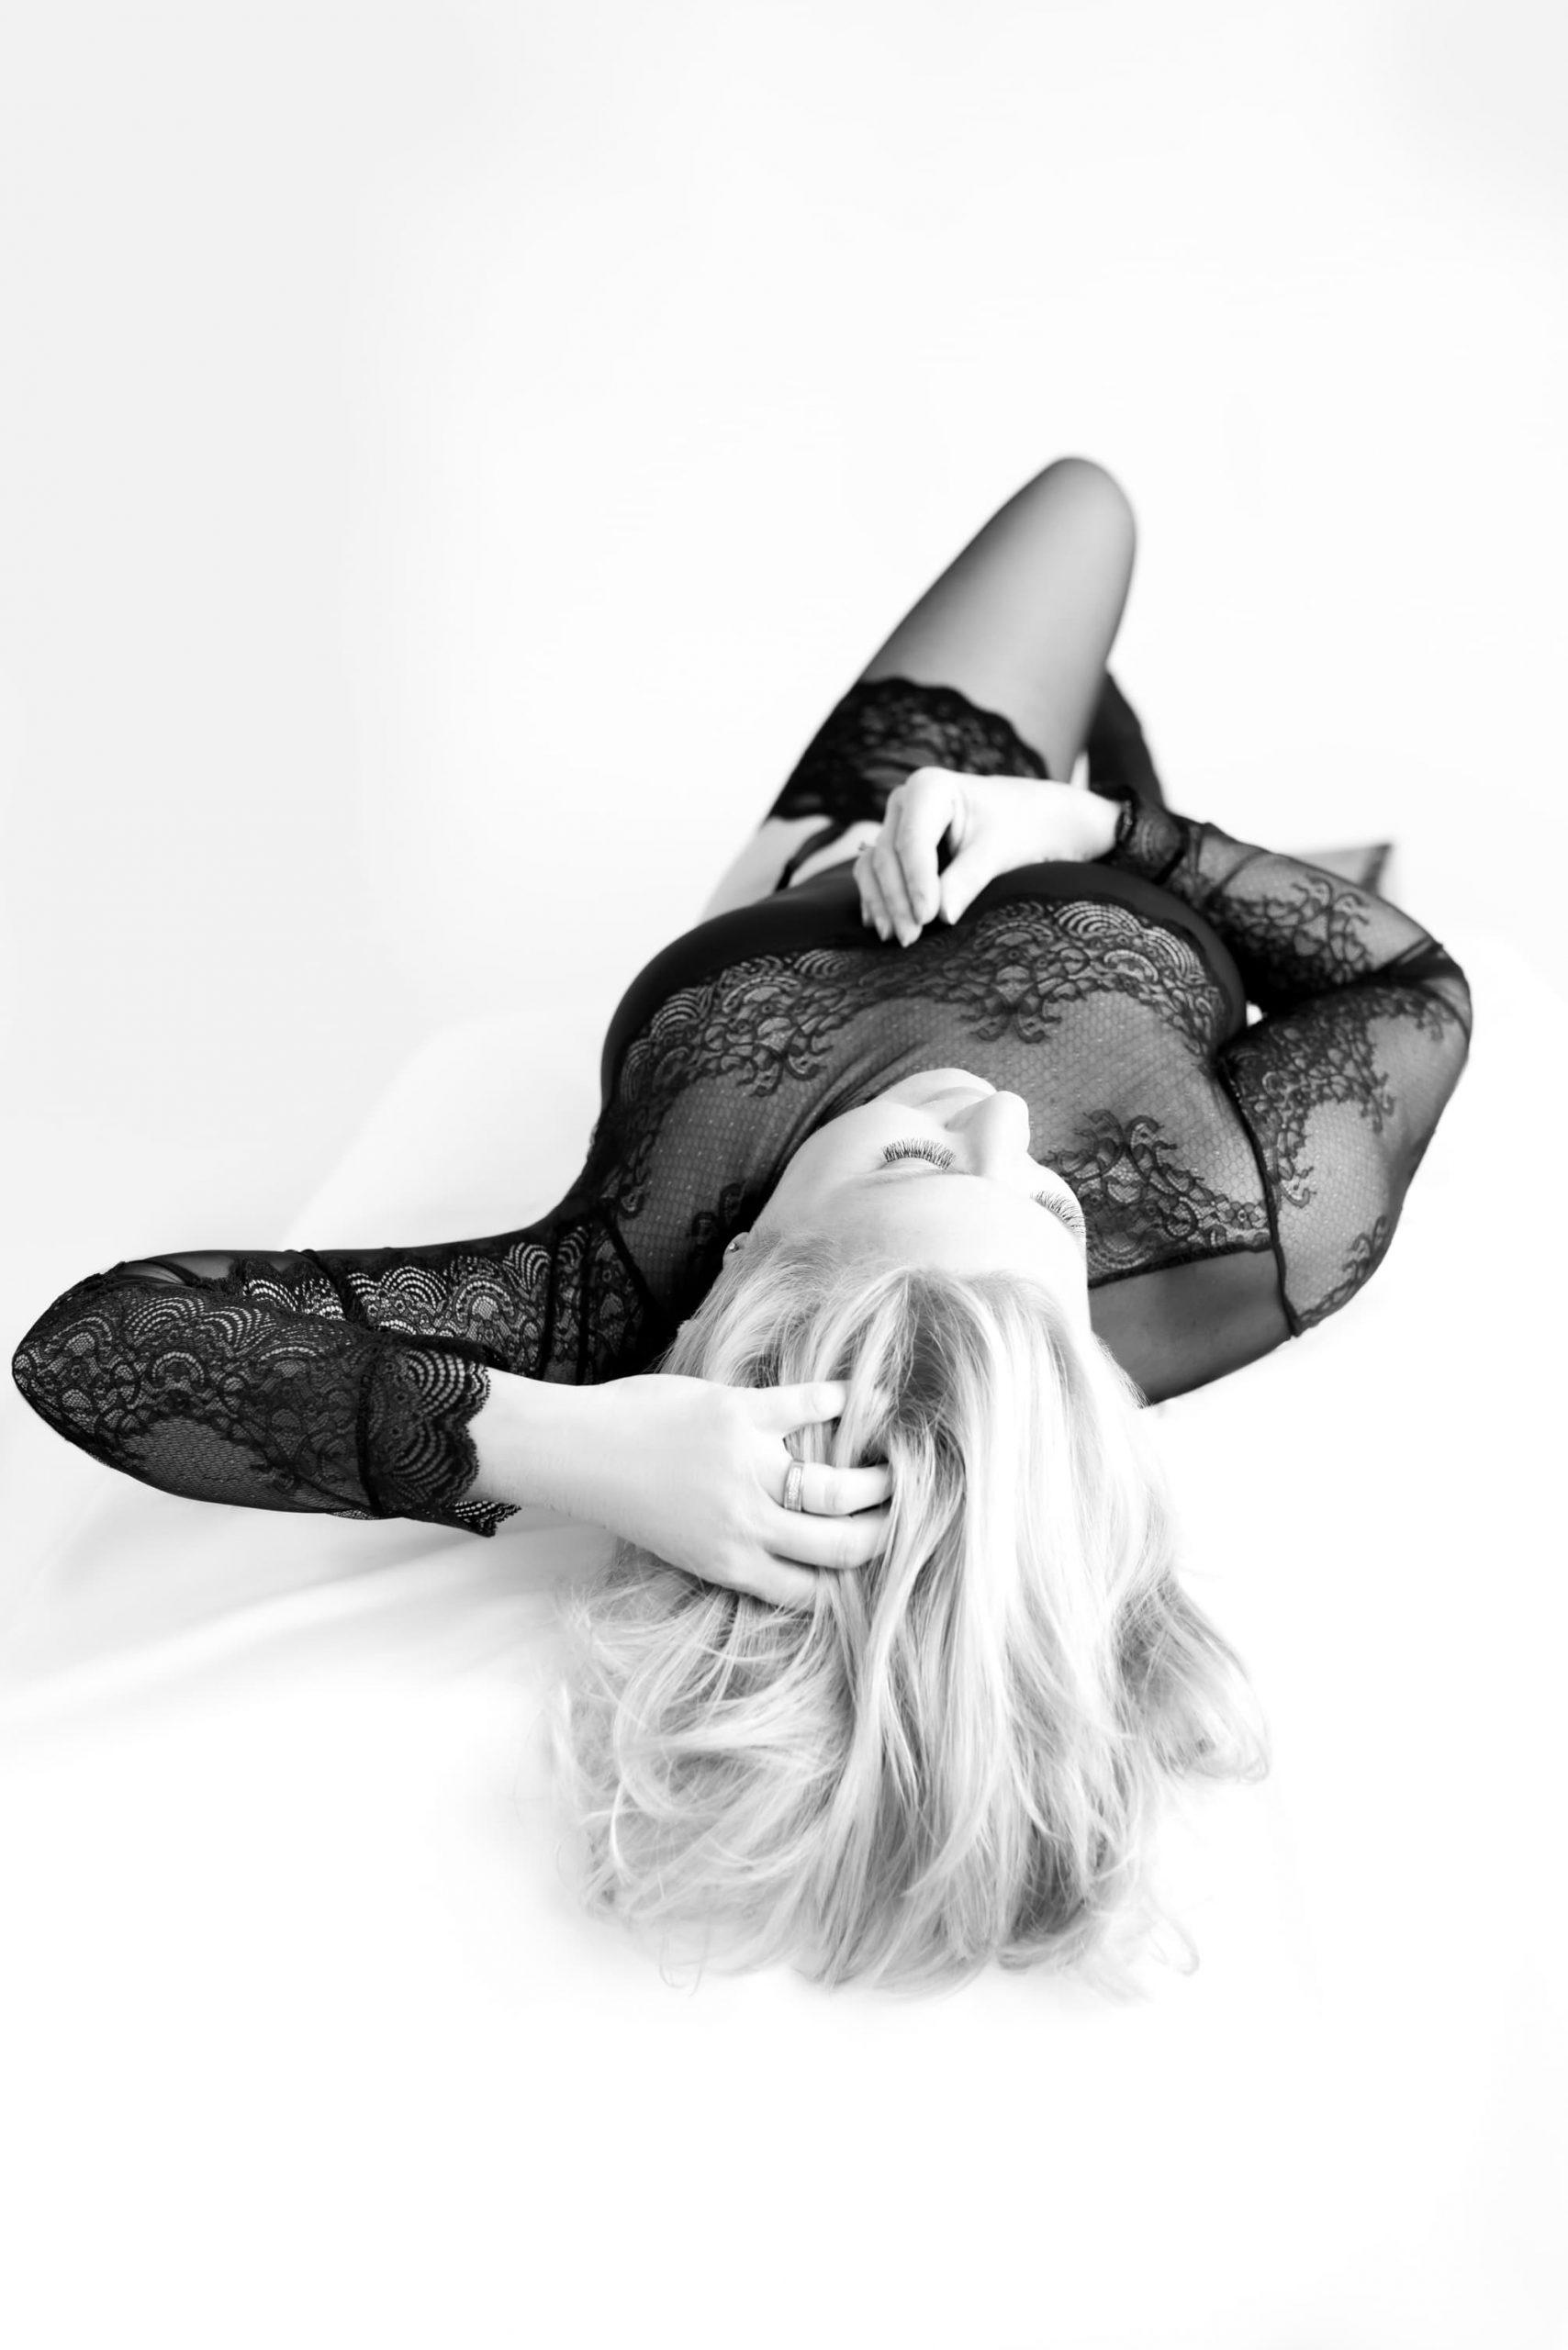 Boudoir dame in zwarte body pose hand in haar liggend